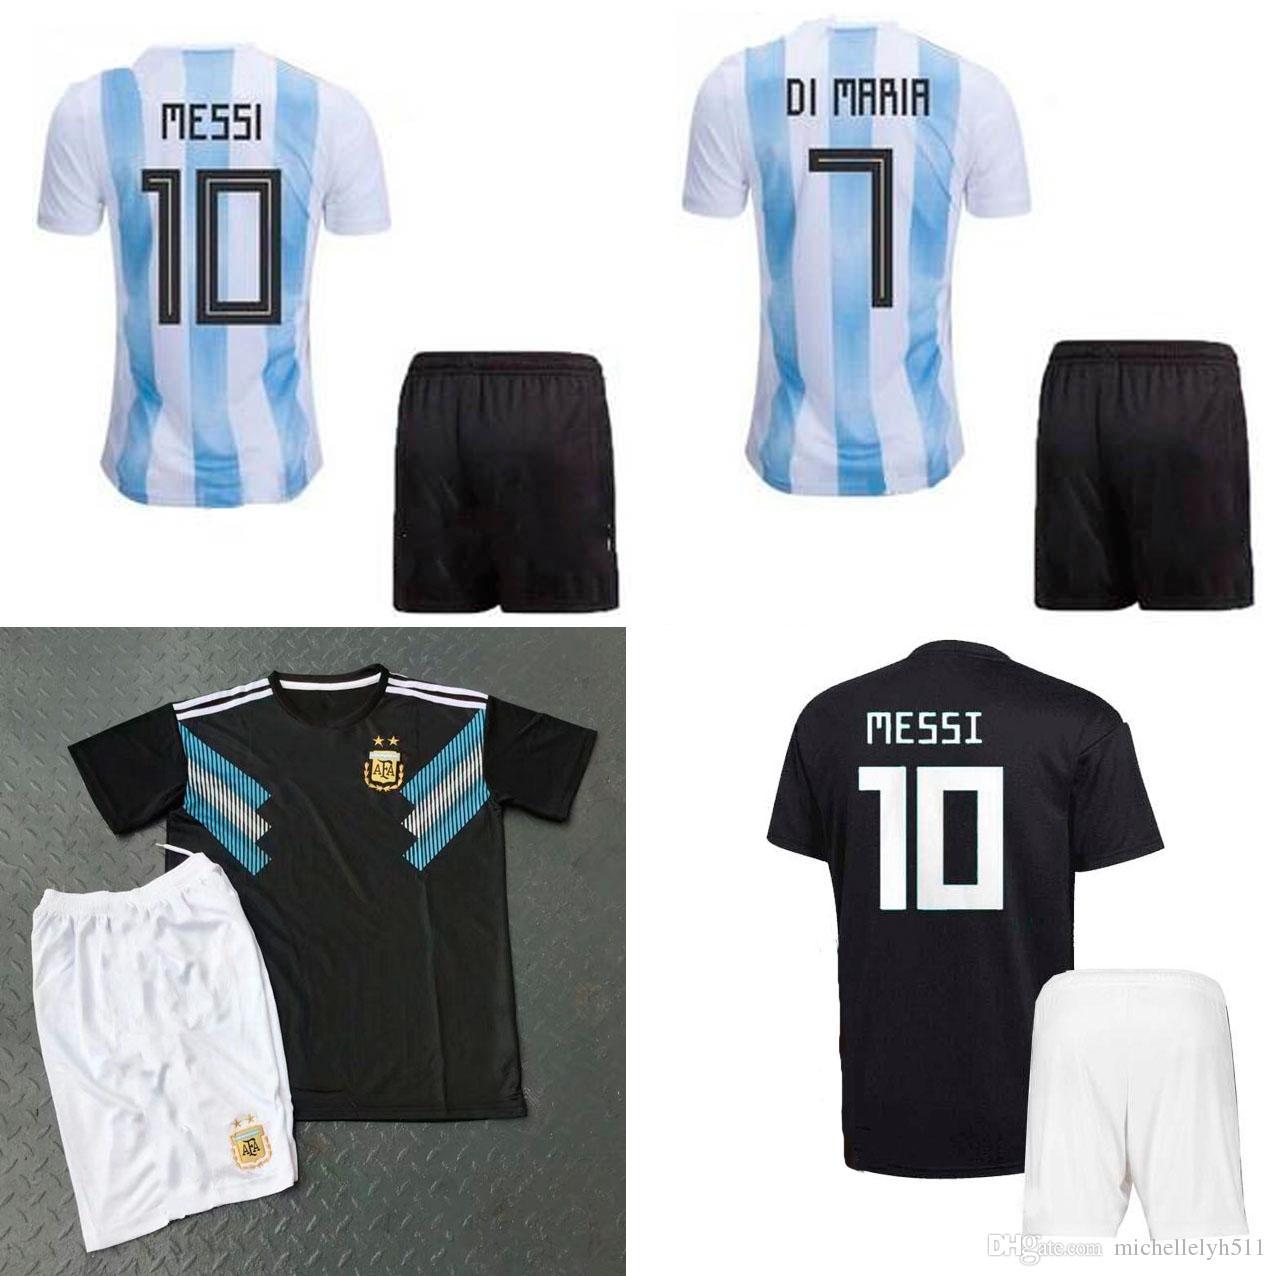 Compre 2018 Argentina Soccer Jersey Calções Messi DYBALA DI MARIA Kit De  Futebol Higuain Aguero 18 19 Argentina Casa Fora Conjuntos De Futebol  Uniformes ... ad47ea2b36d8d